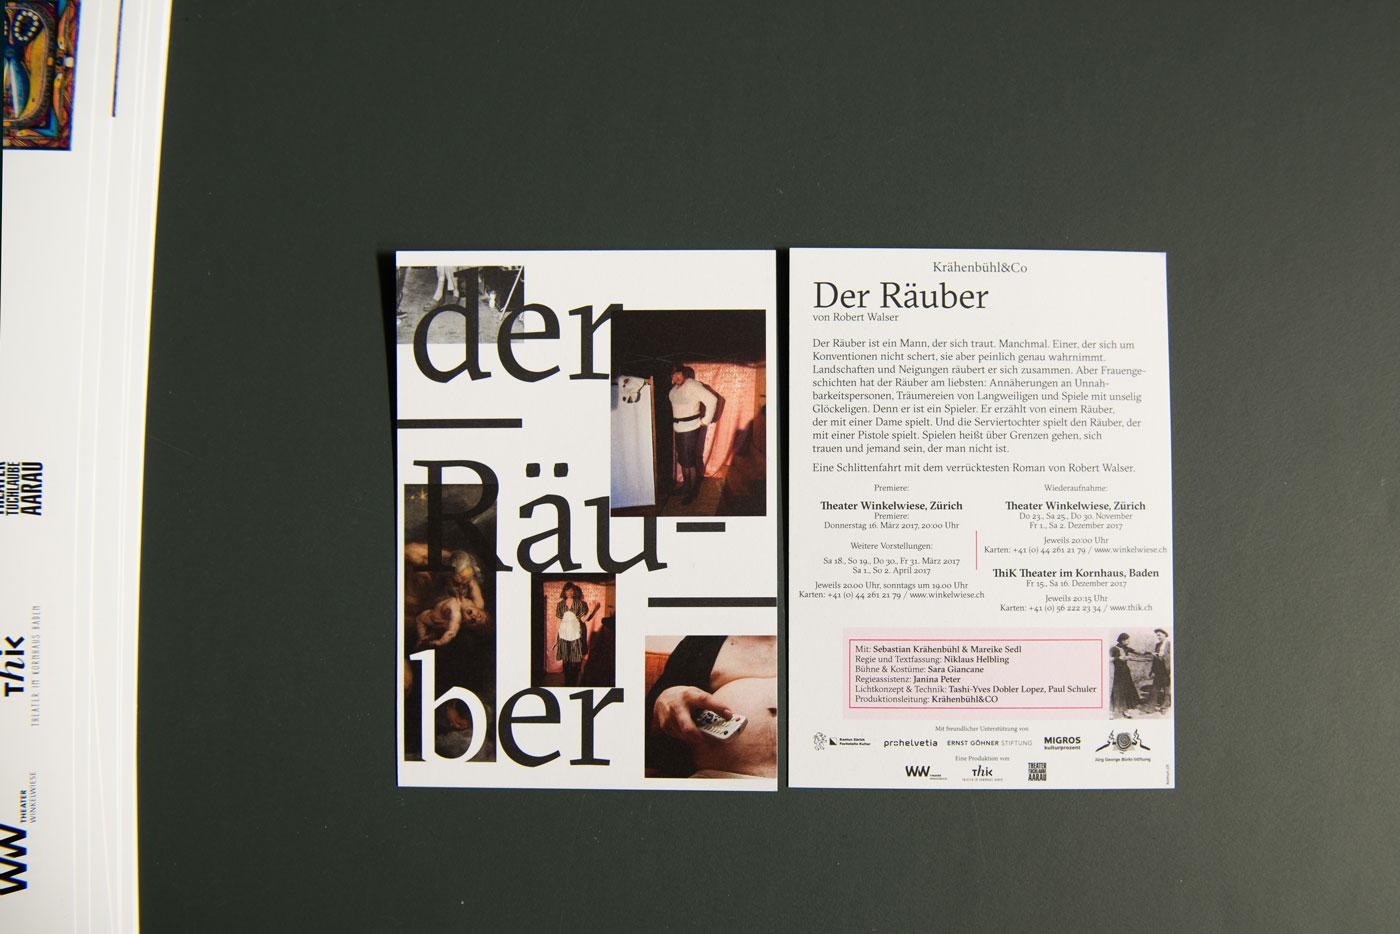 Flyer_A5_komun_kraehenbuehl